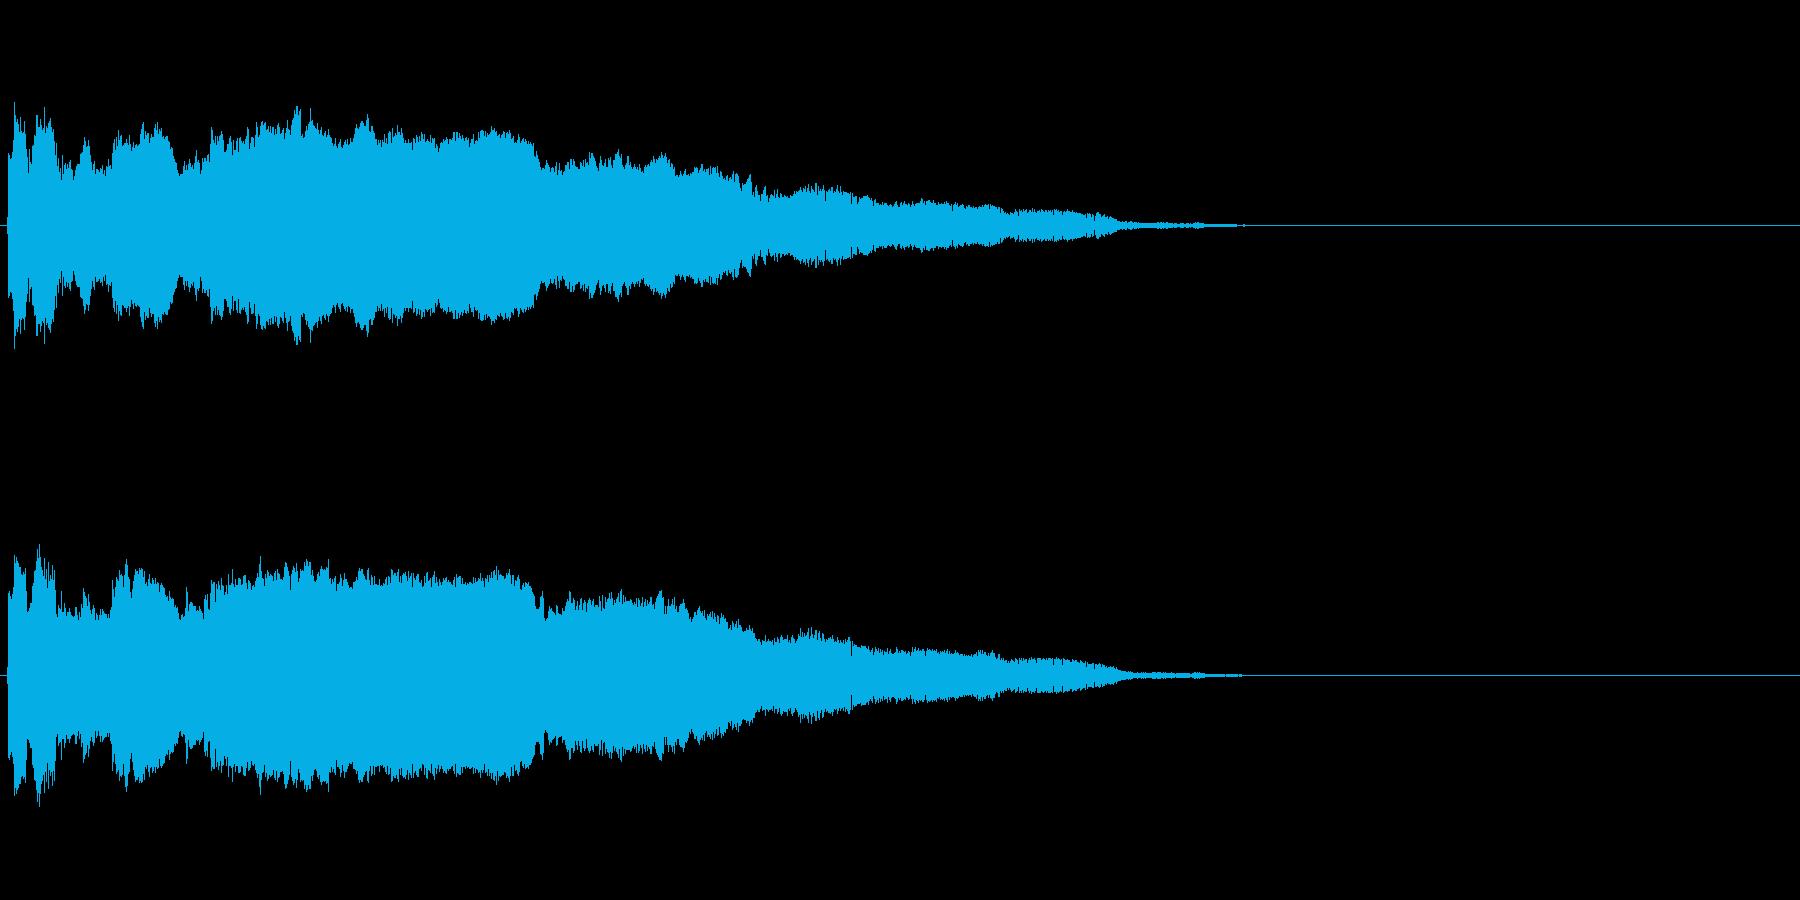 「プ〜〜ッ!」おもちゃの鳥の鳴き声の擬音の再生済みの波形